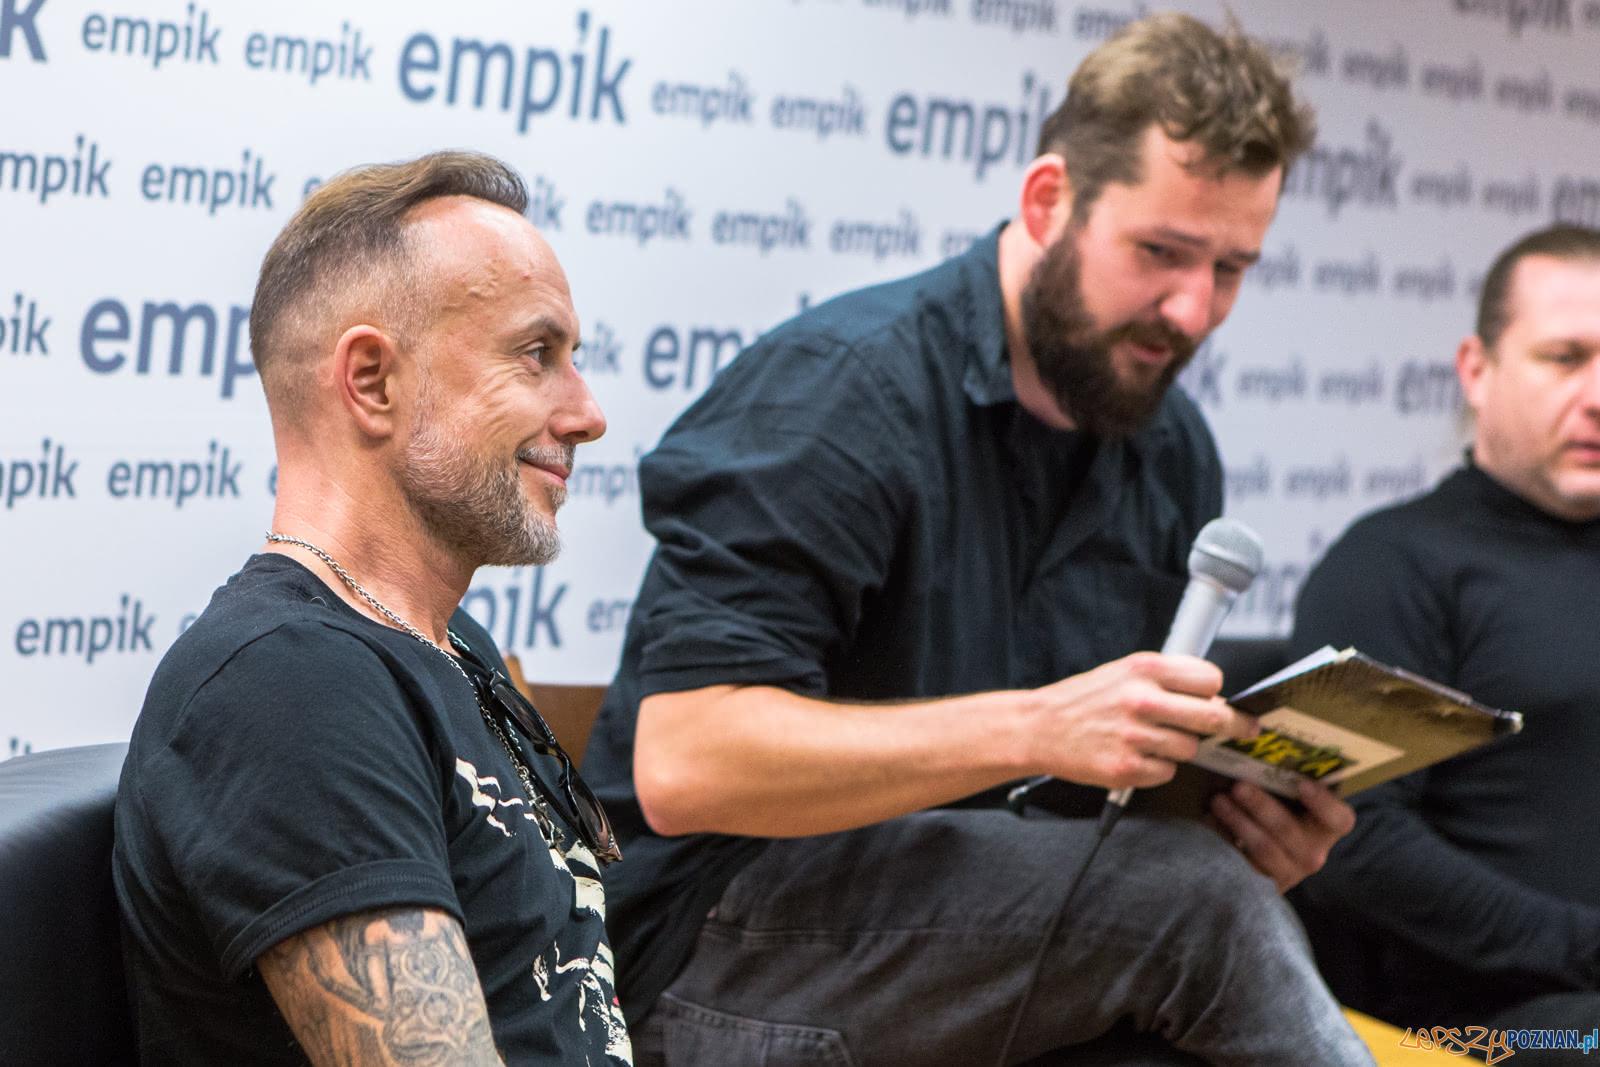 Behemoth na spotkaniu ze swoimi fanami w poznańskim Empiku - Po  Foto: LepszyPOZNAN.pl / Paweł Rychter